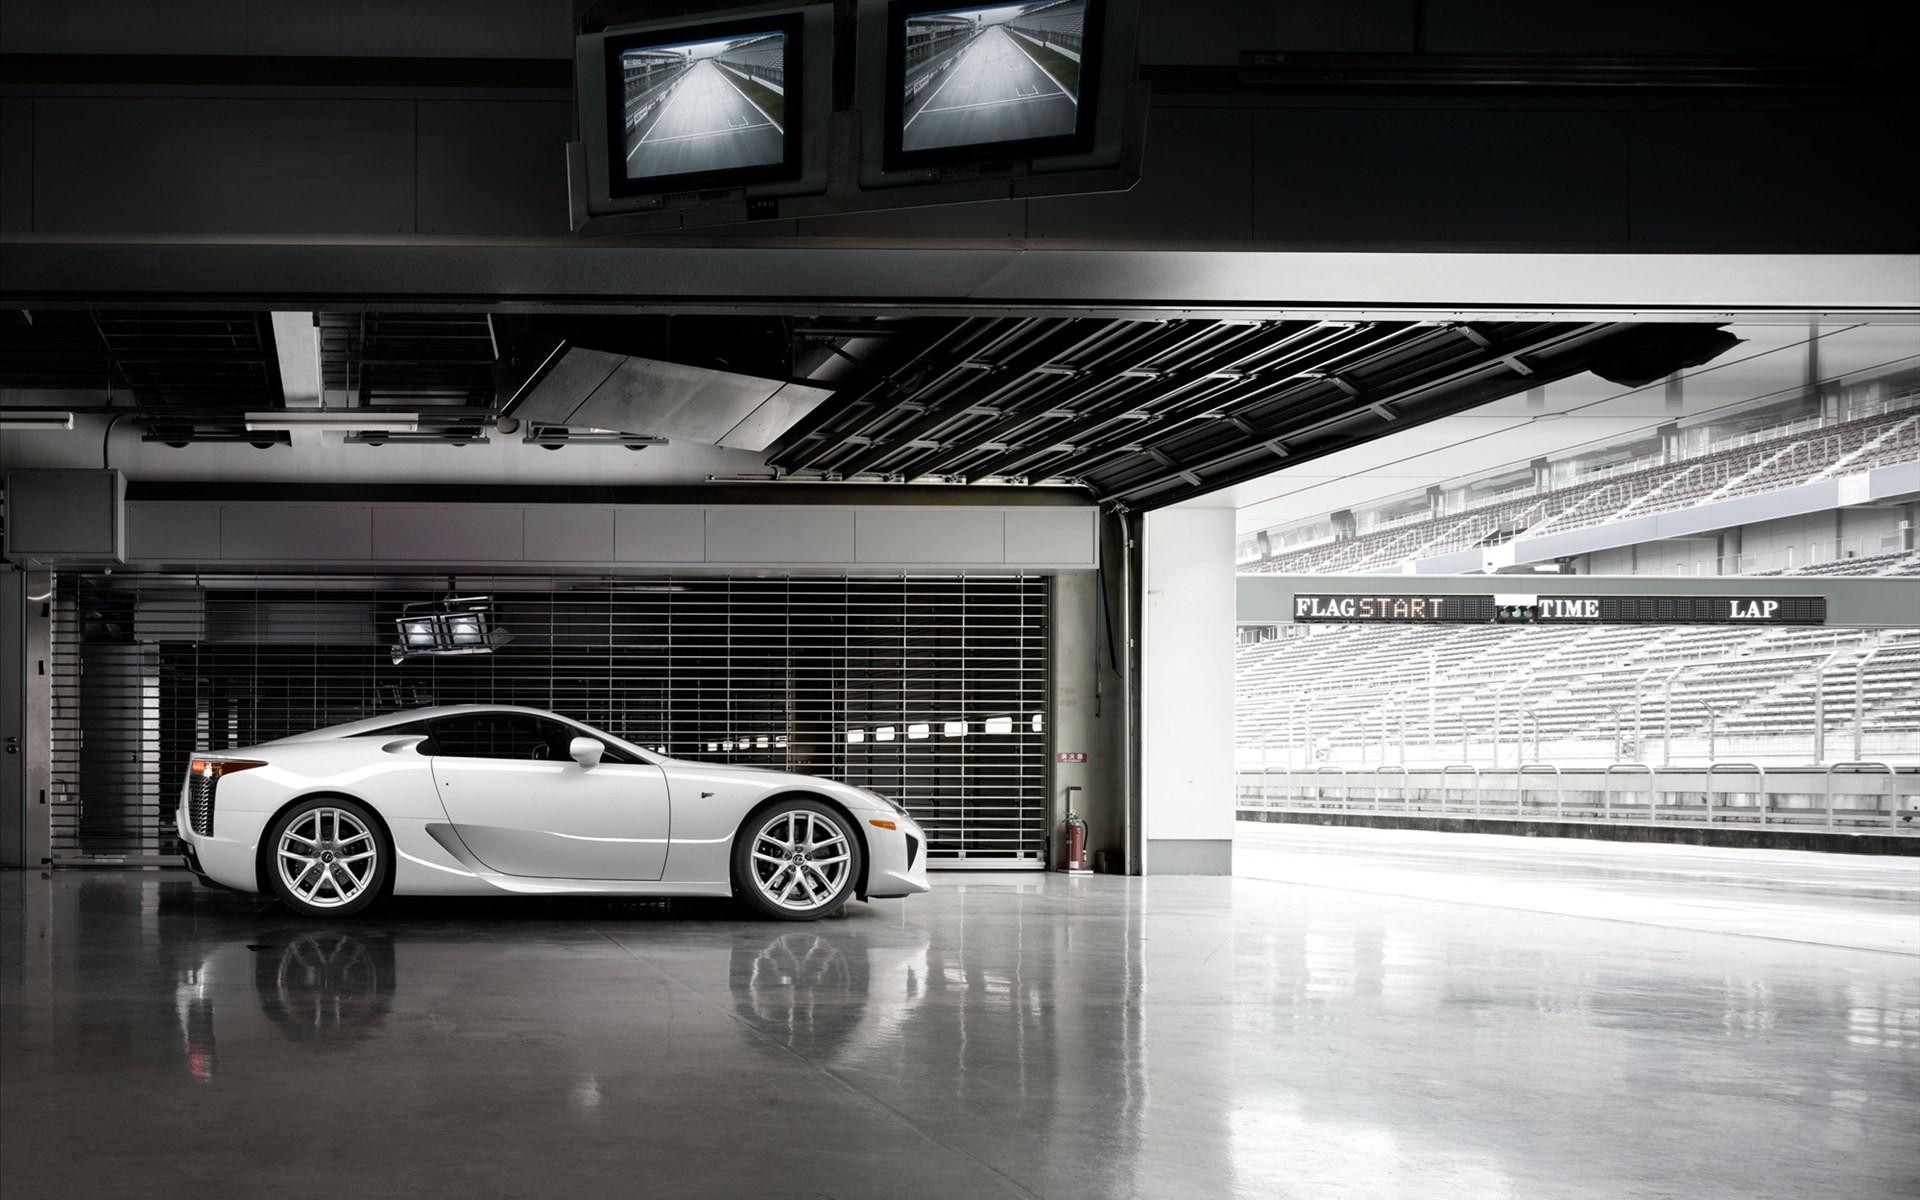 White Ferrari Wallpaper